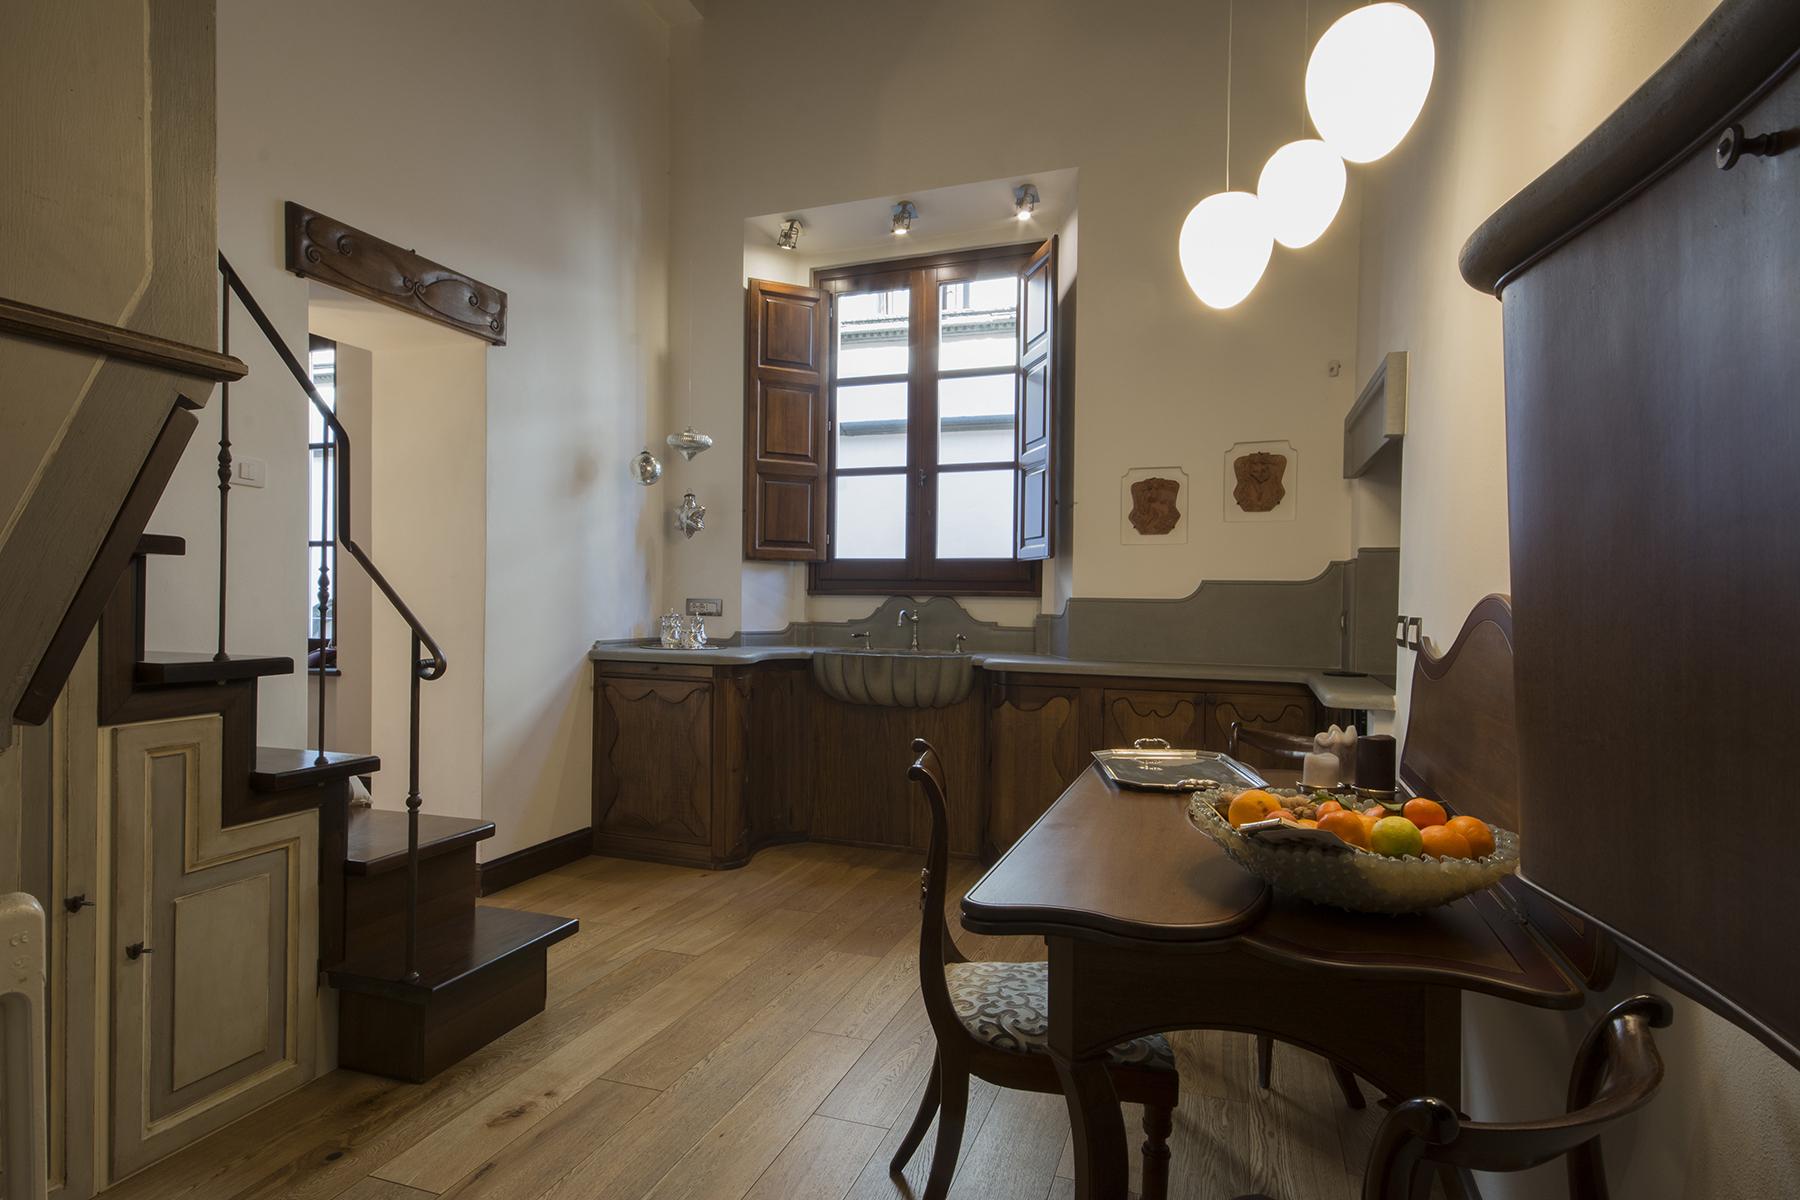 Appartamento per Vendita alle ore Affascinante appartamento nel cuore di Lucca Lucca, Lucca Italia